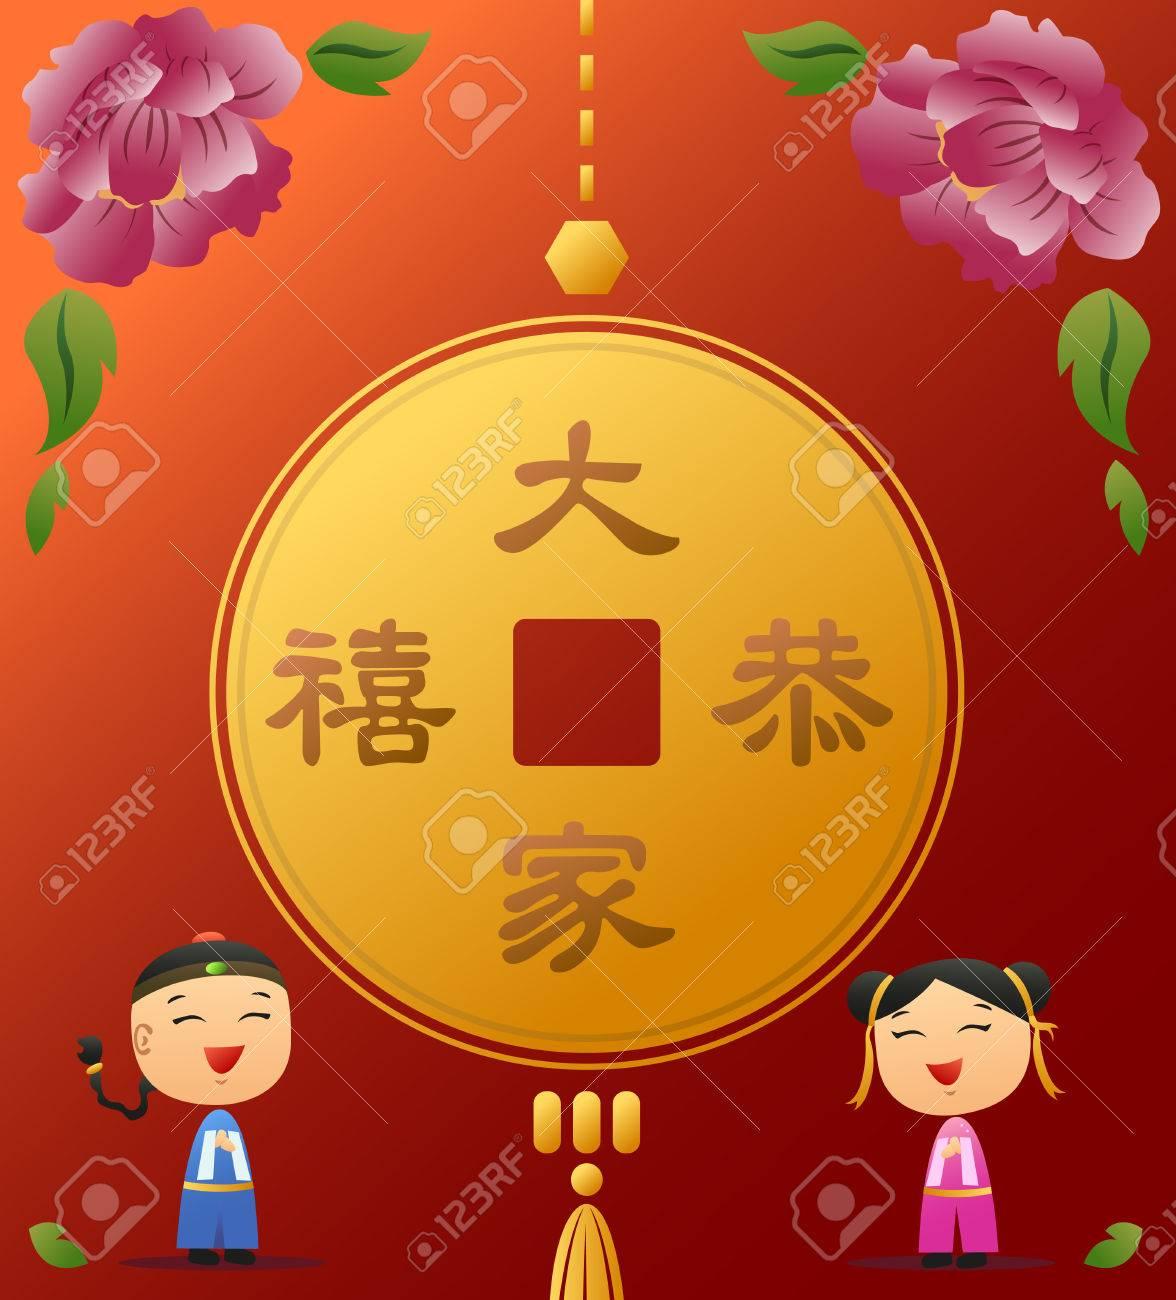 China Puppe Gruß an einem besonderen Tag und goldene Münze mit Grußwort